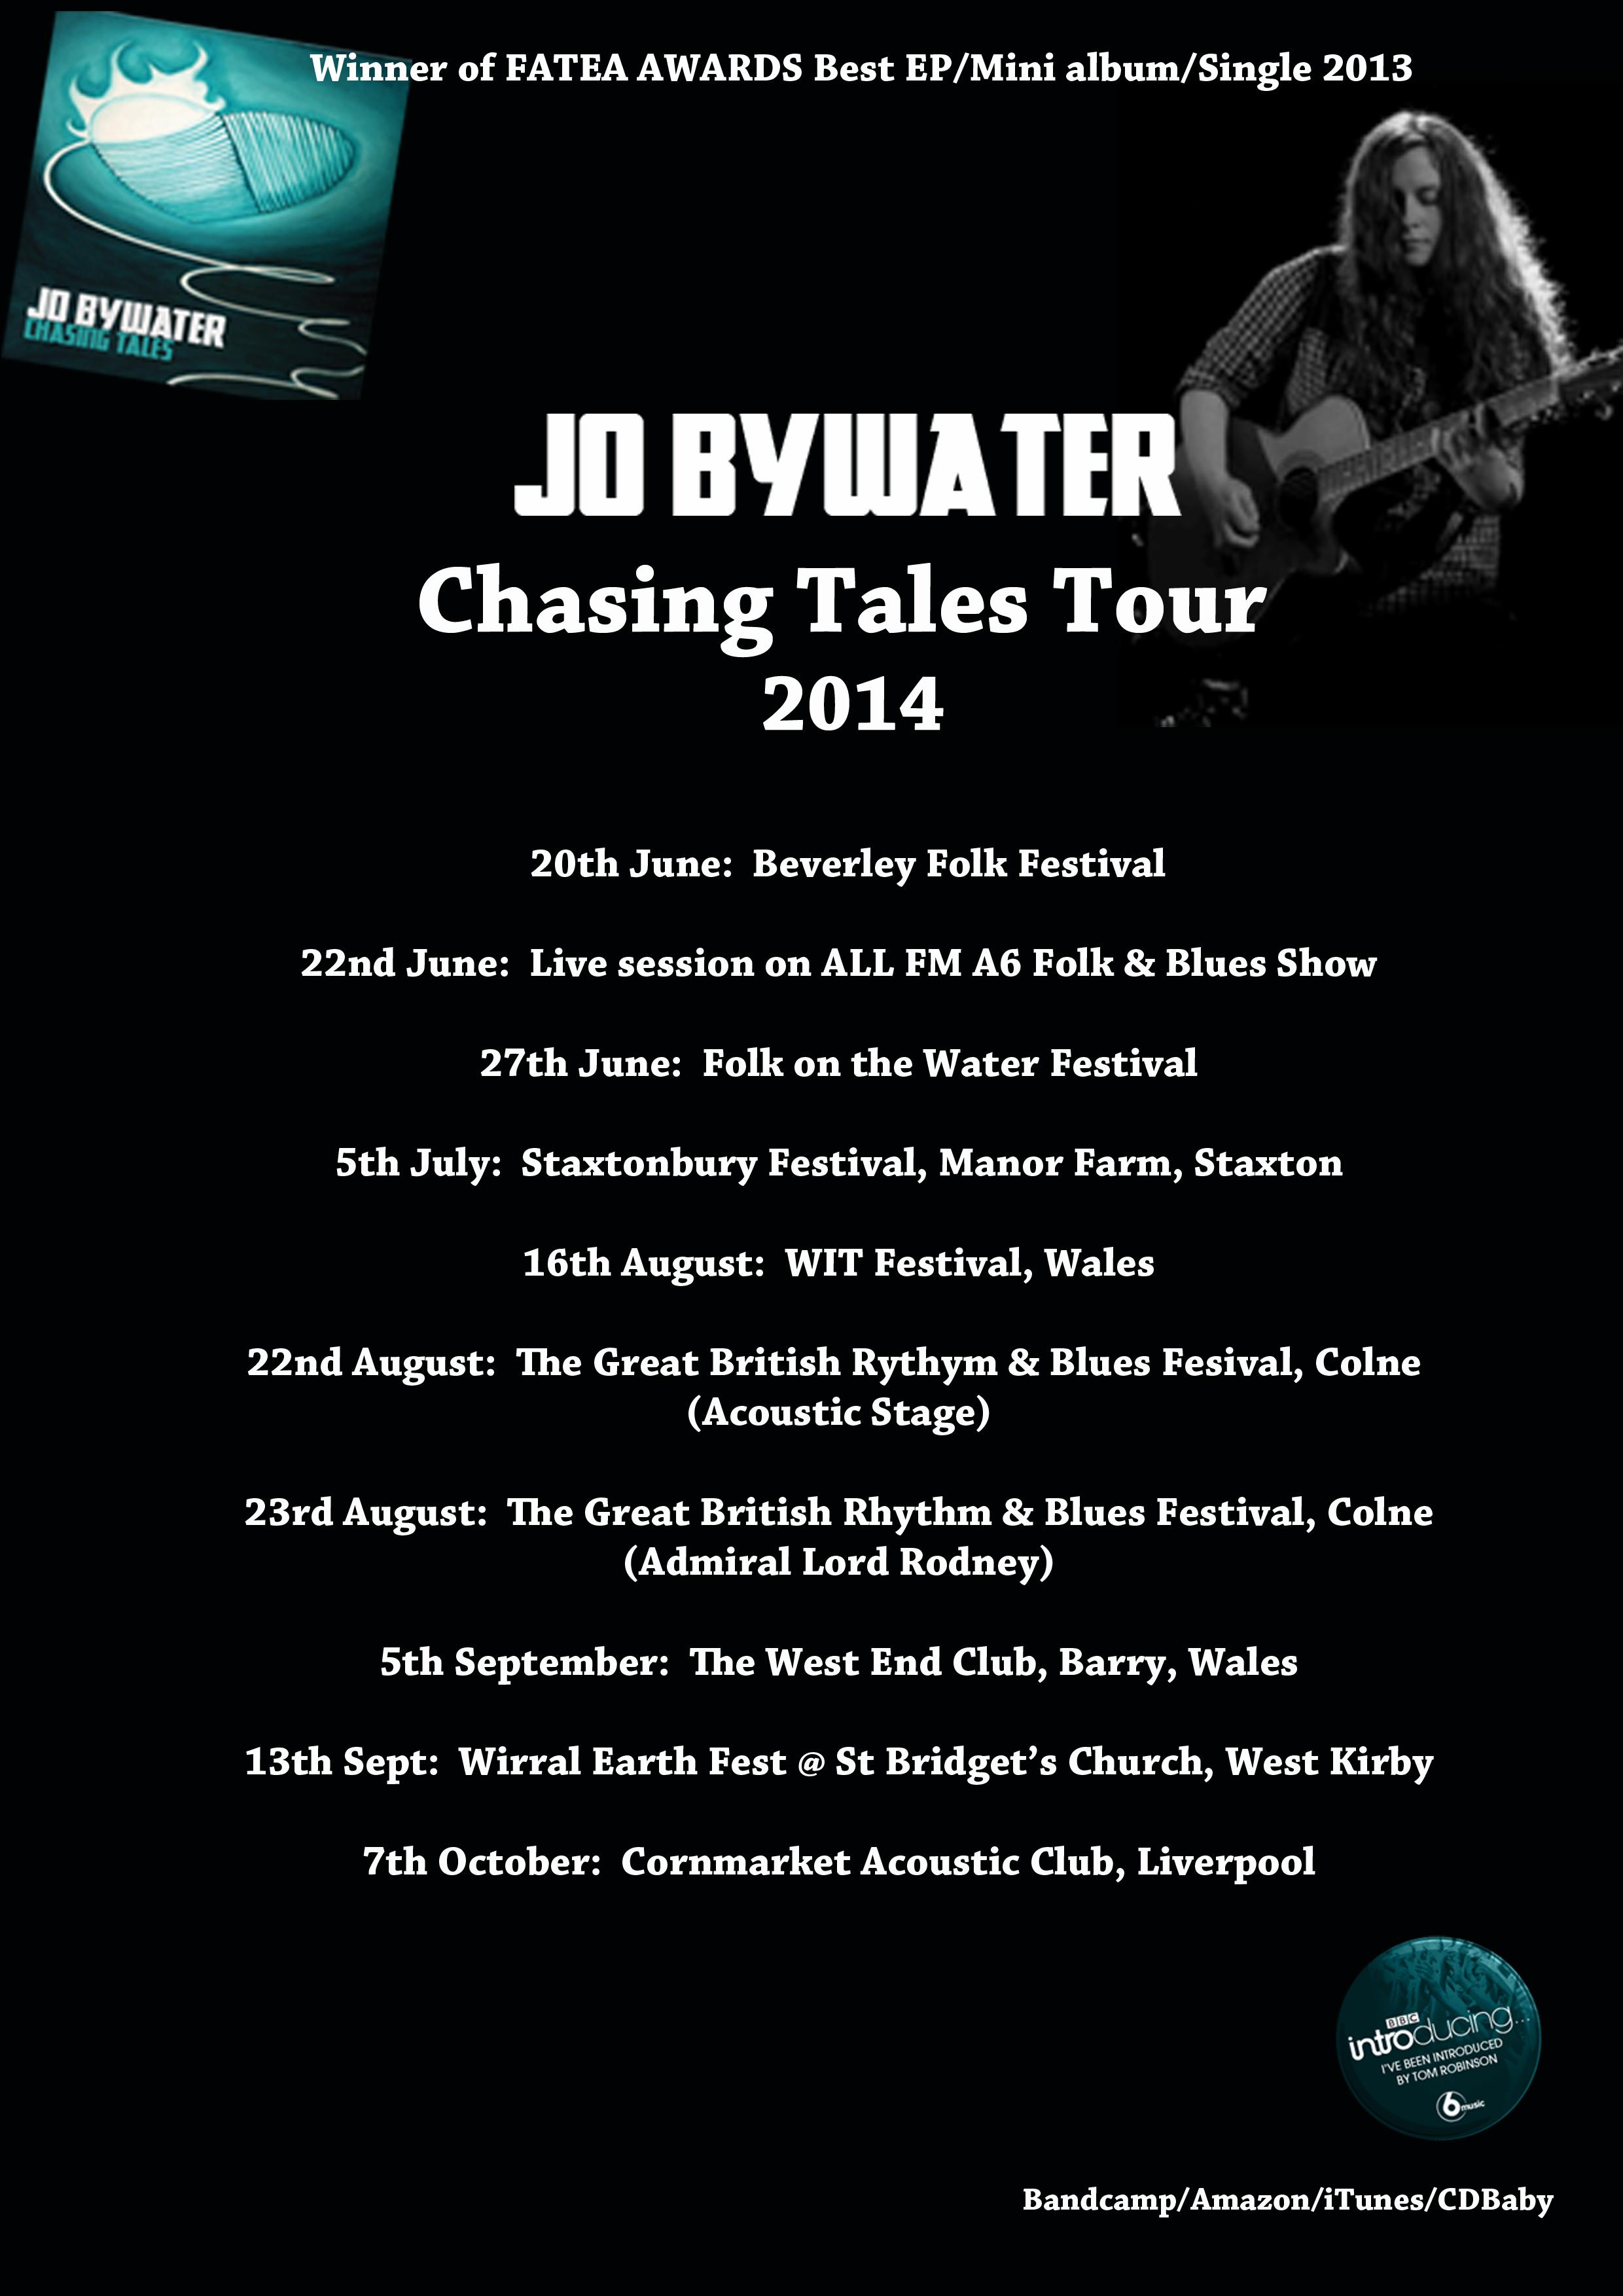 Jo Bywater Festival dates 2014